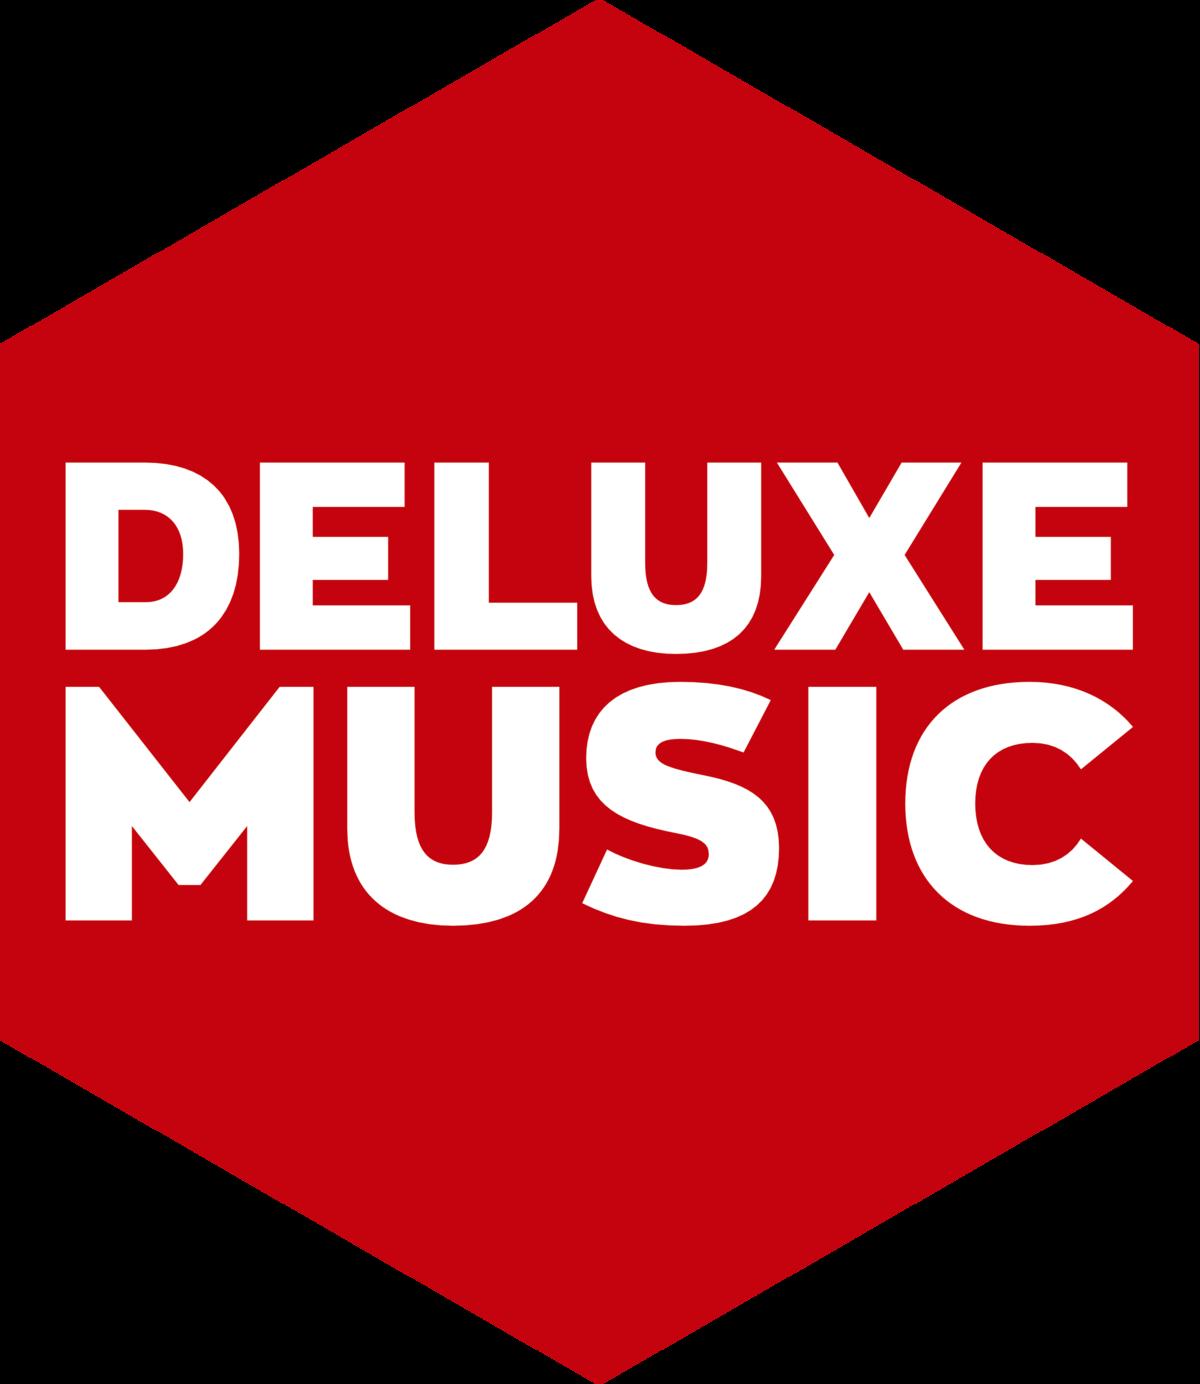 Deluxemusic